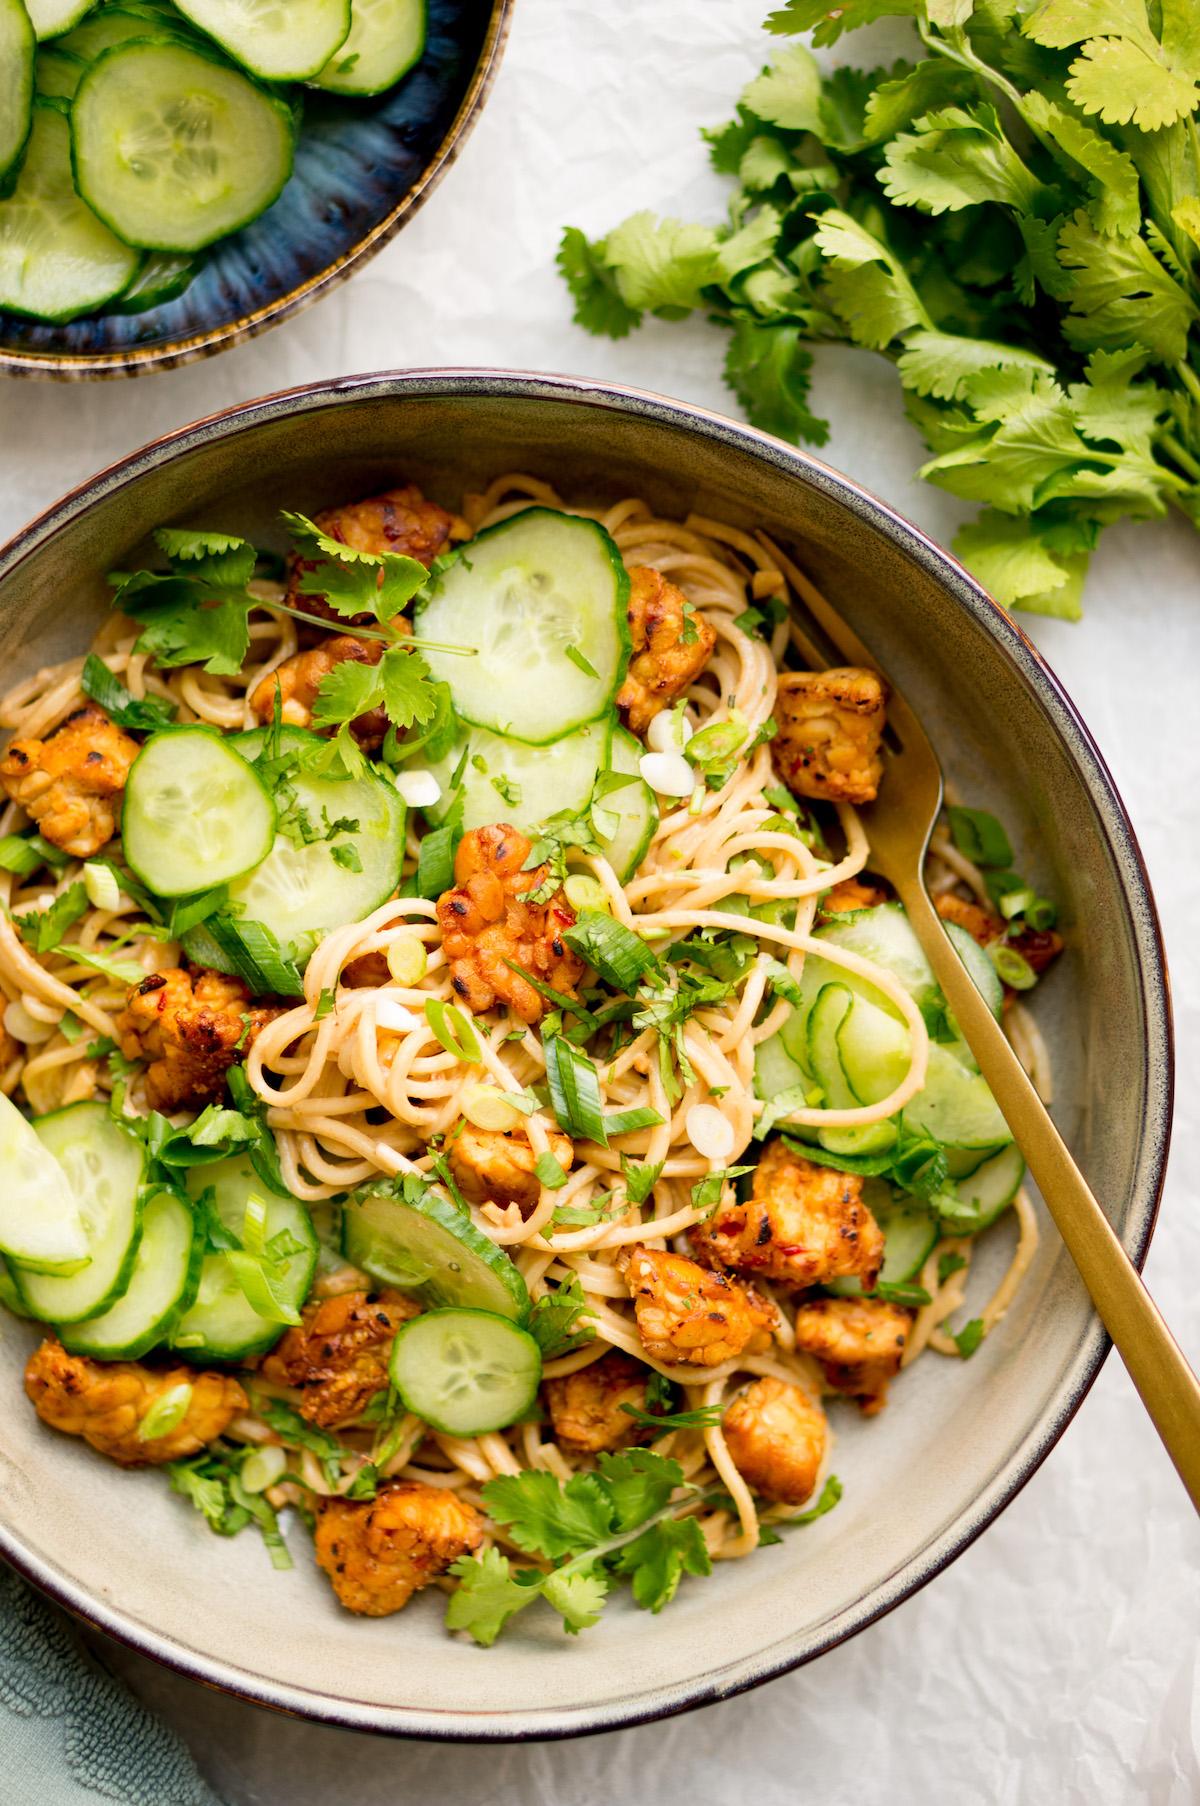 Afbeelding van vegan noodles met tempeh recept 2